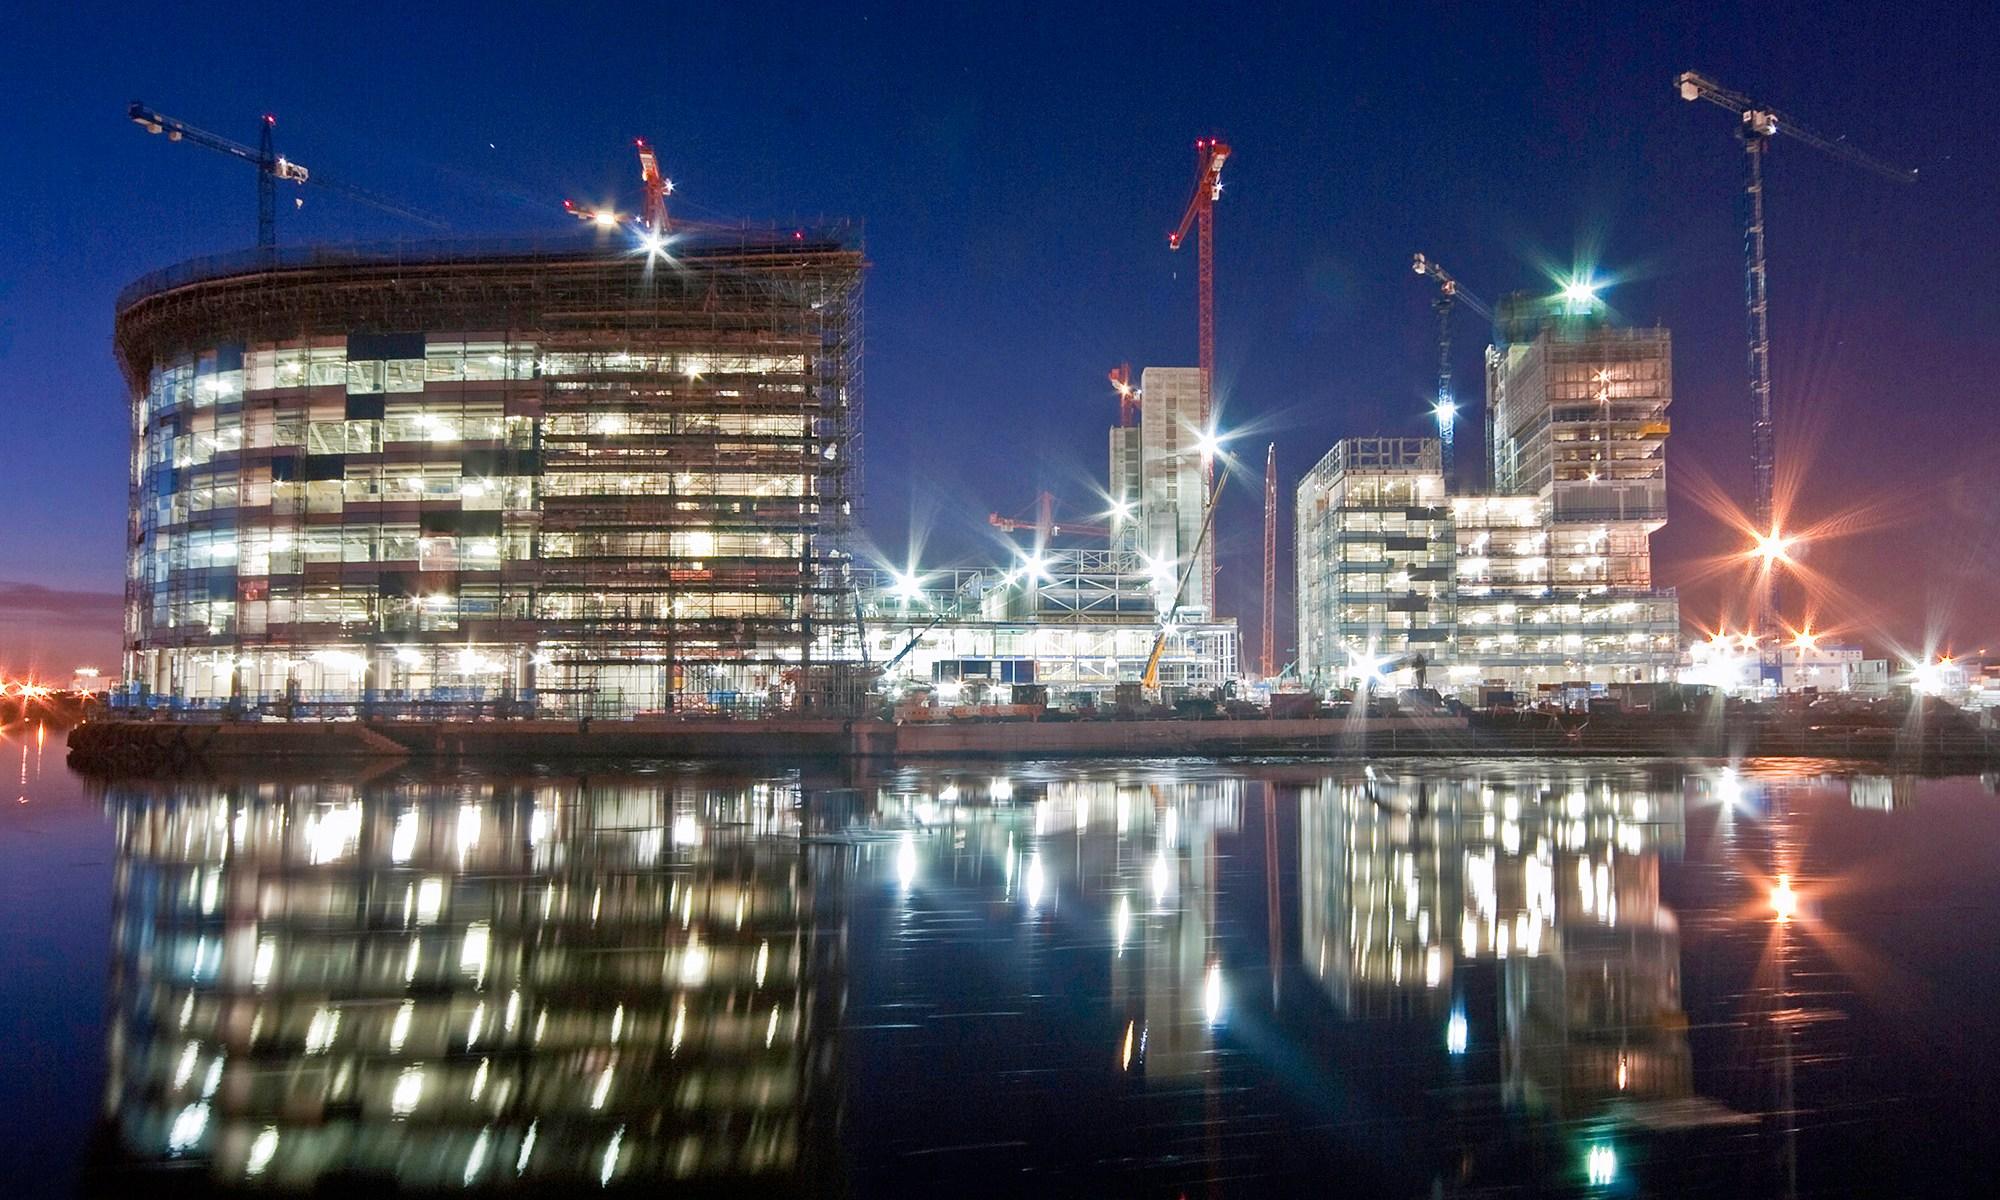 Media City Construction at Night